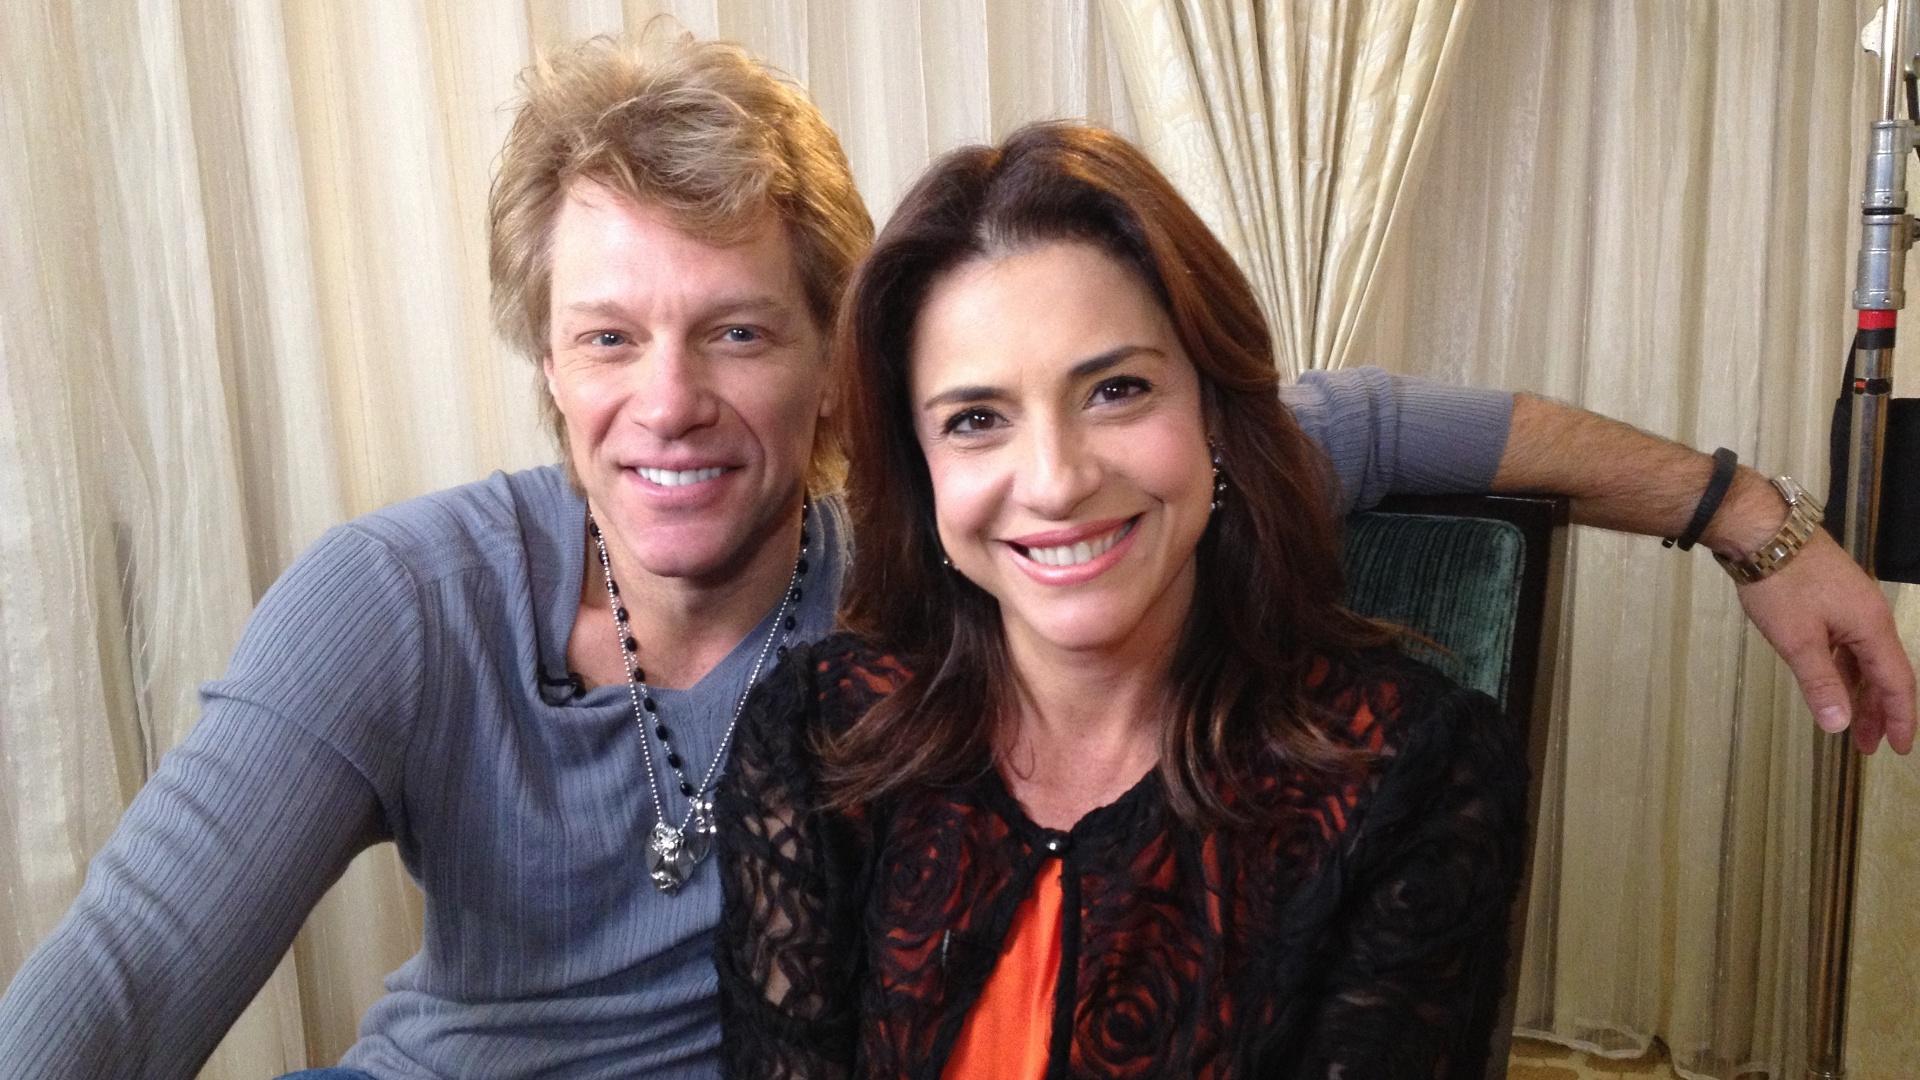 3.mar.2013 - Repórter Monica Sanches entrevista o cantor Jon Bon Jovi, nos Estados Unidos